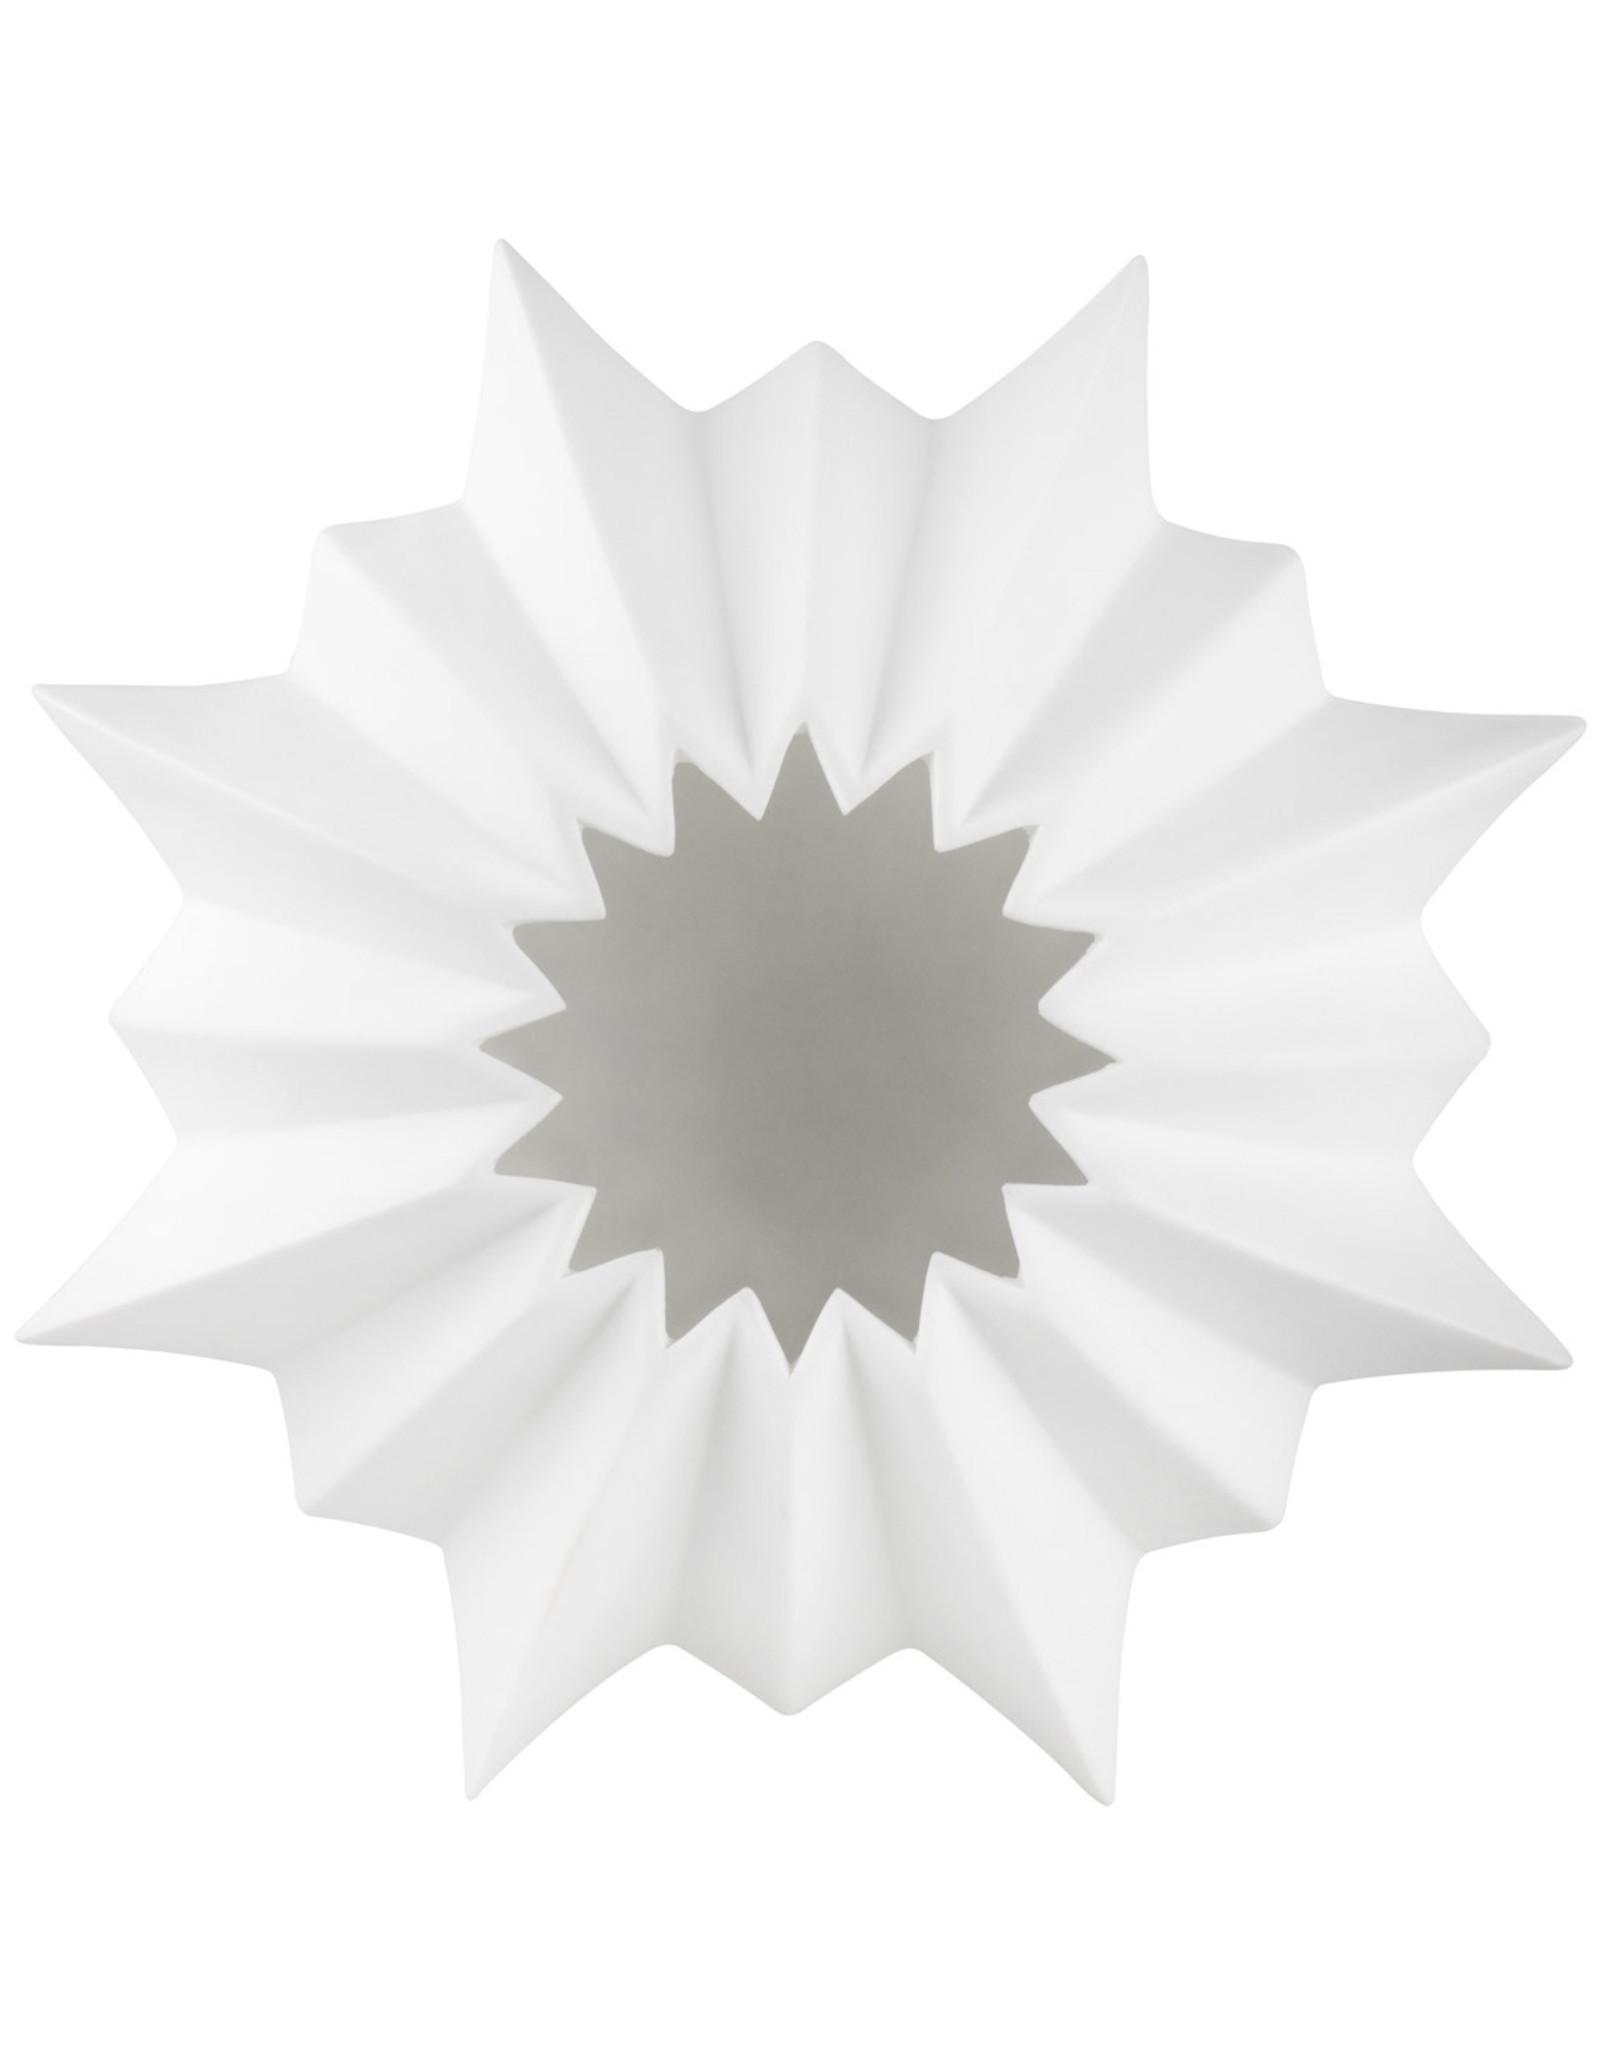 Raeder Theelicht stervorm rond 4x12cm